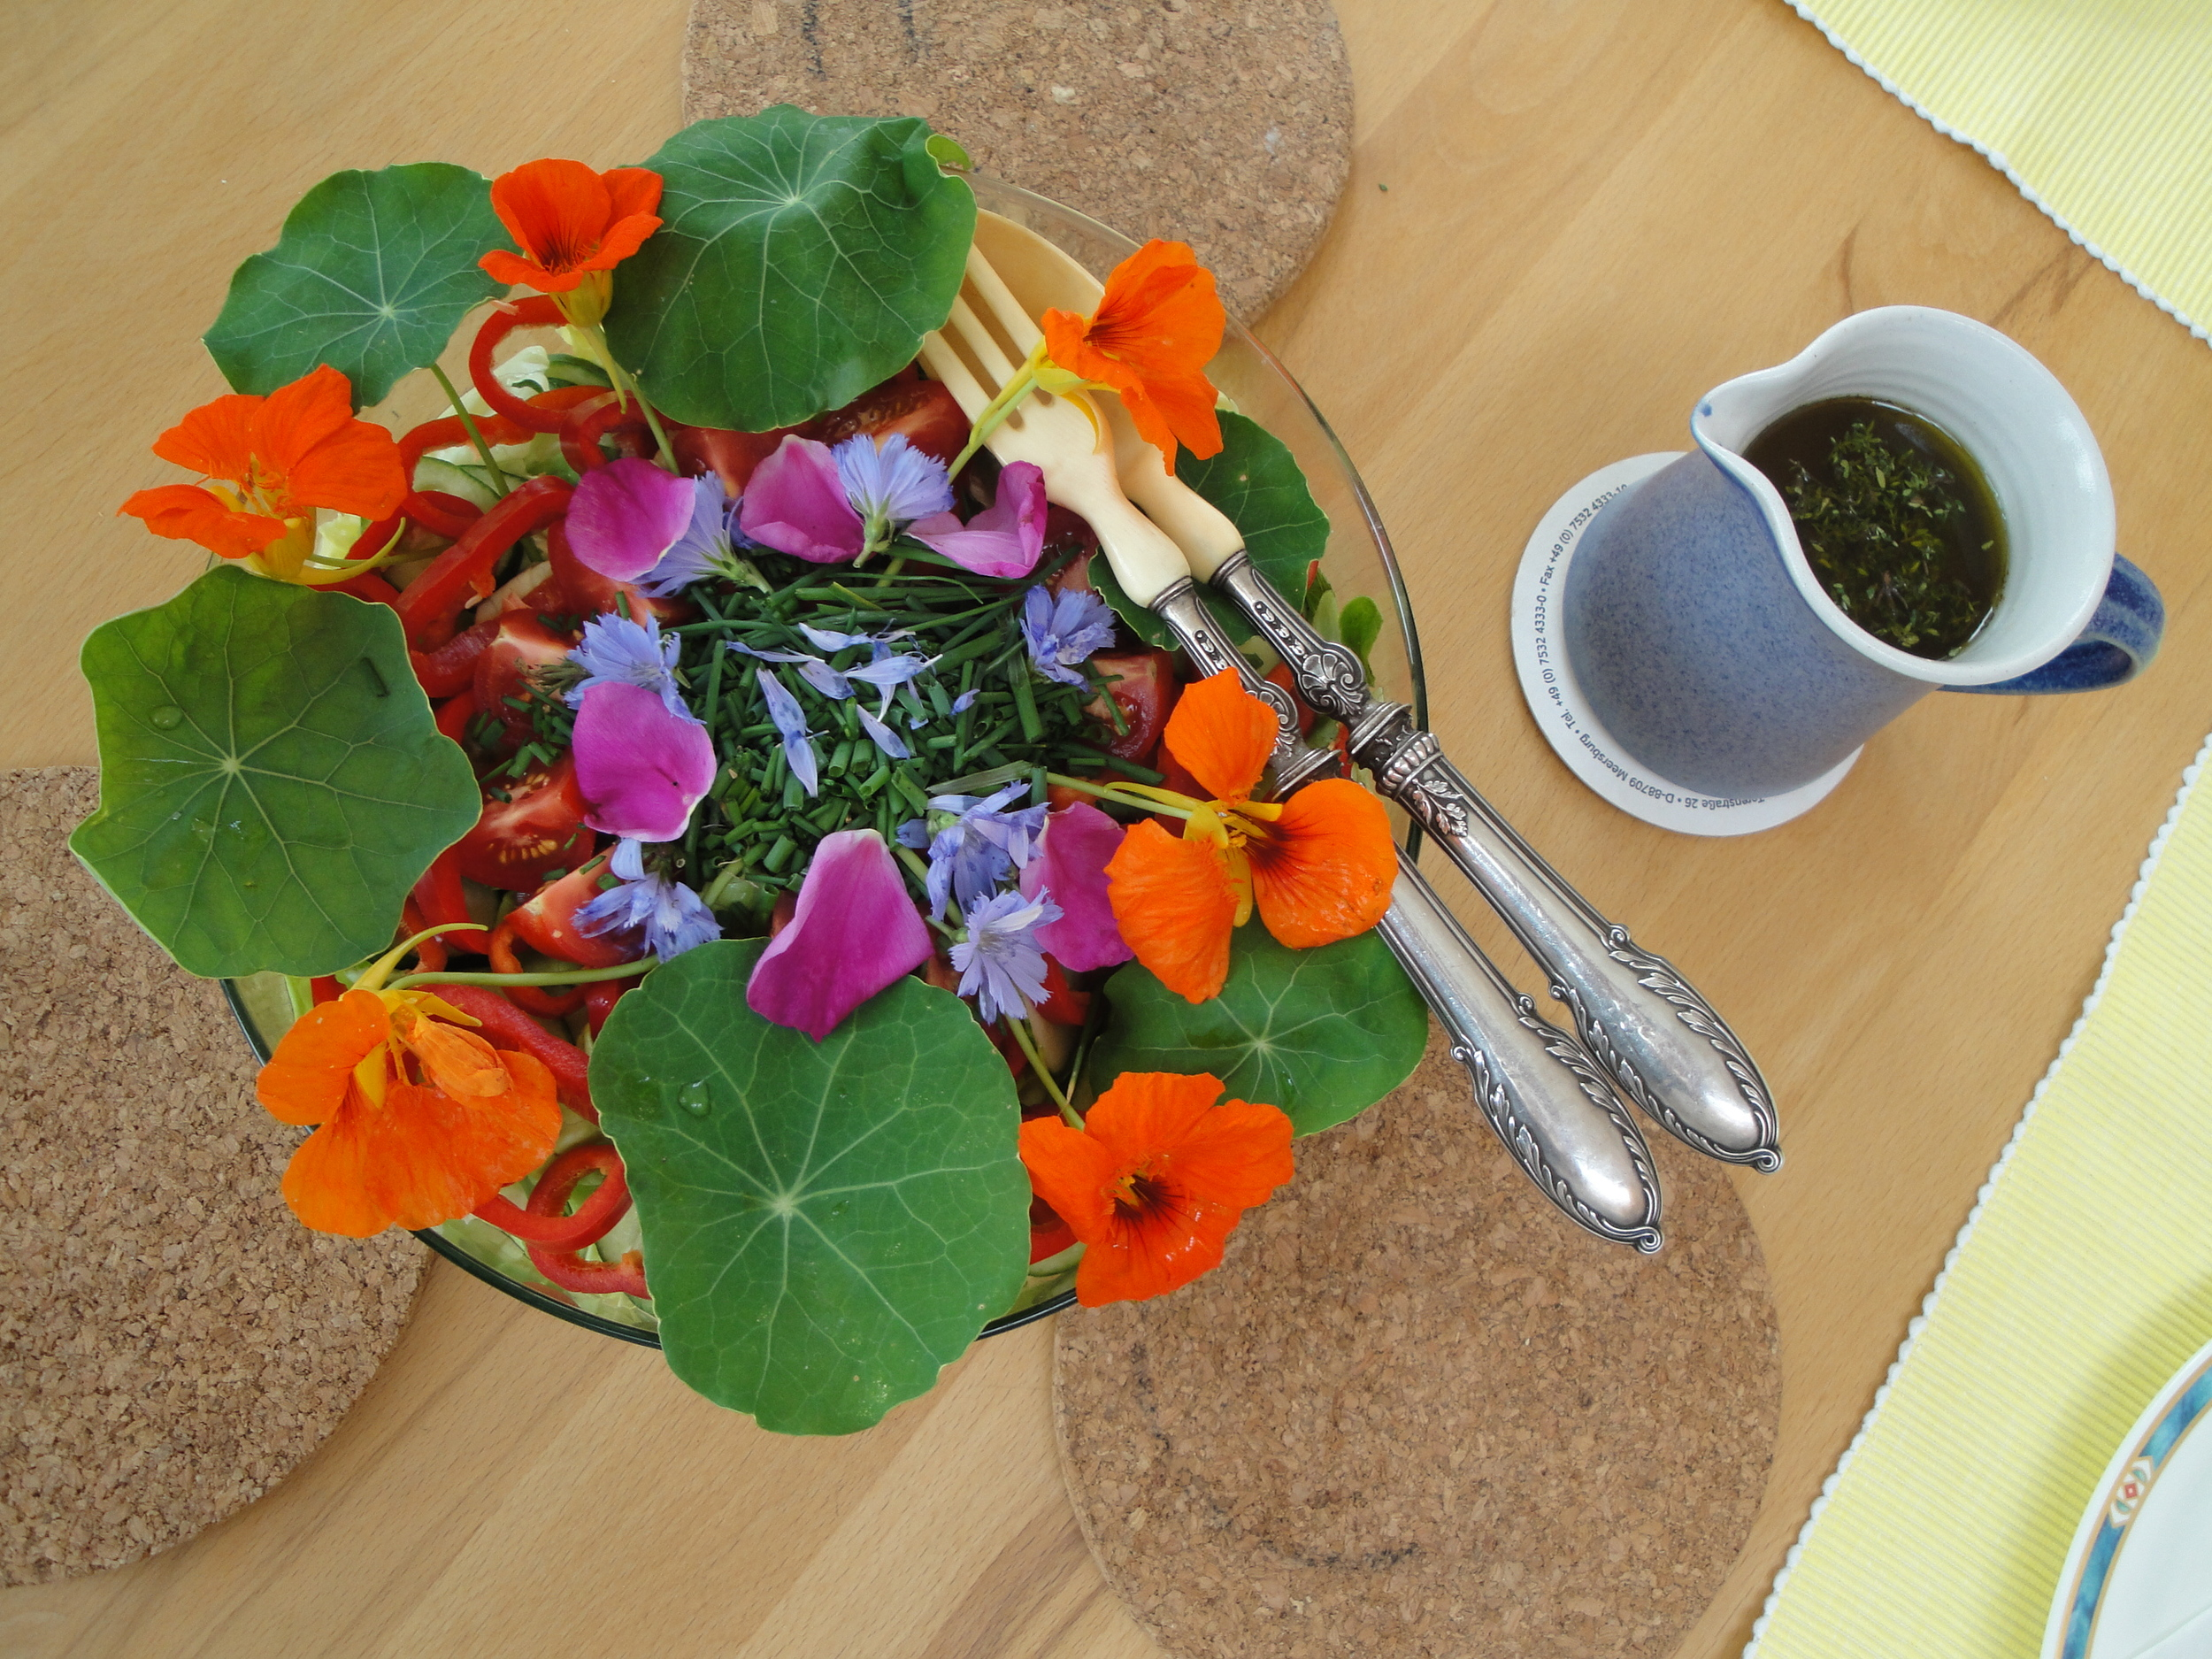 Garden salad from Sakinas garden!